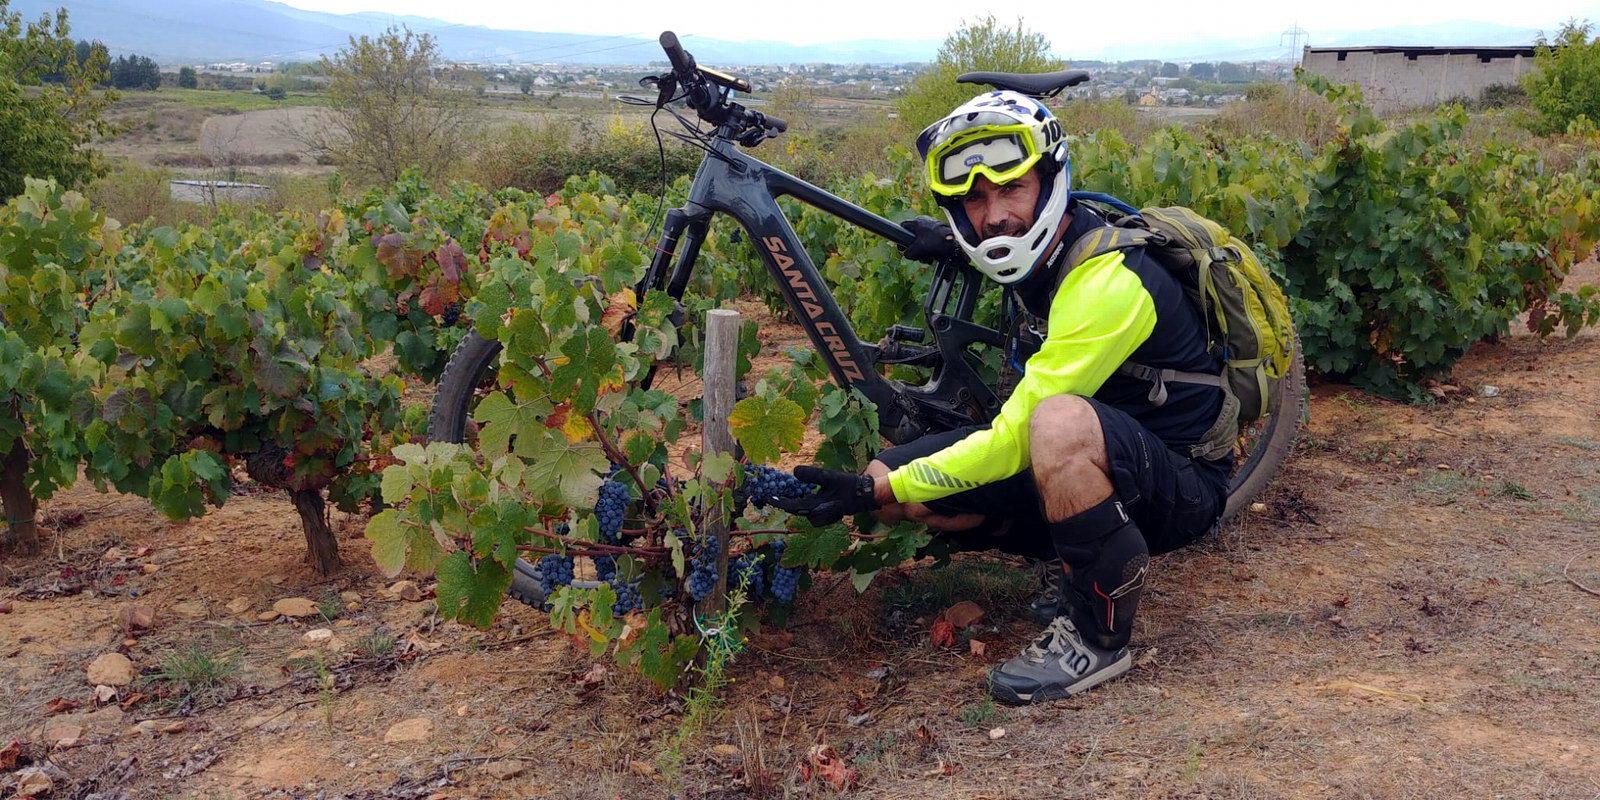 Alquiler de bicicletas eléctricas ebike mountain bike | Rutas enológicas por viñedos en El Bierzo